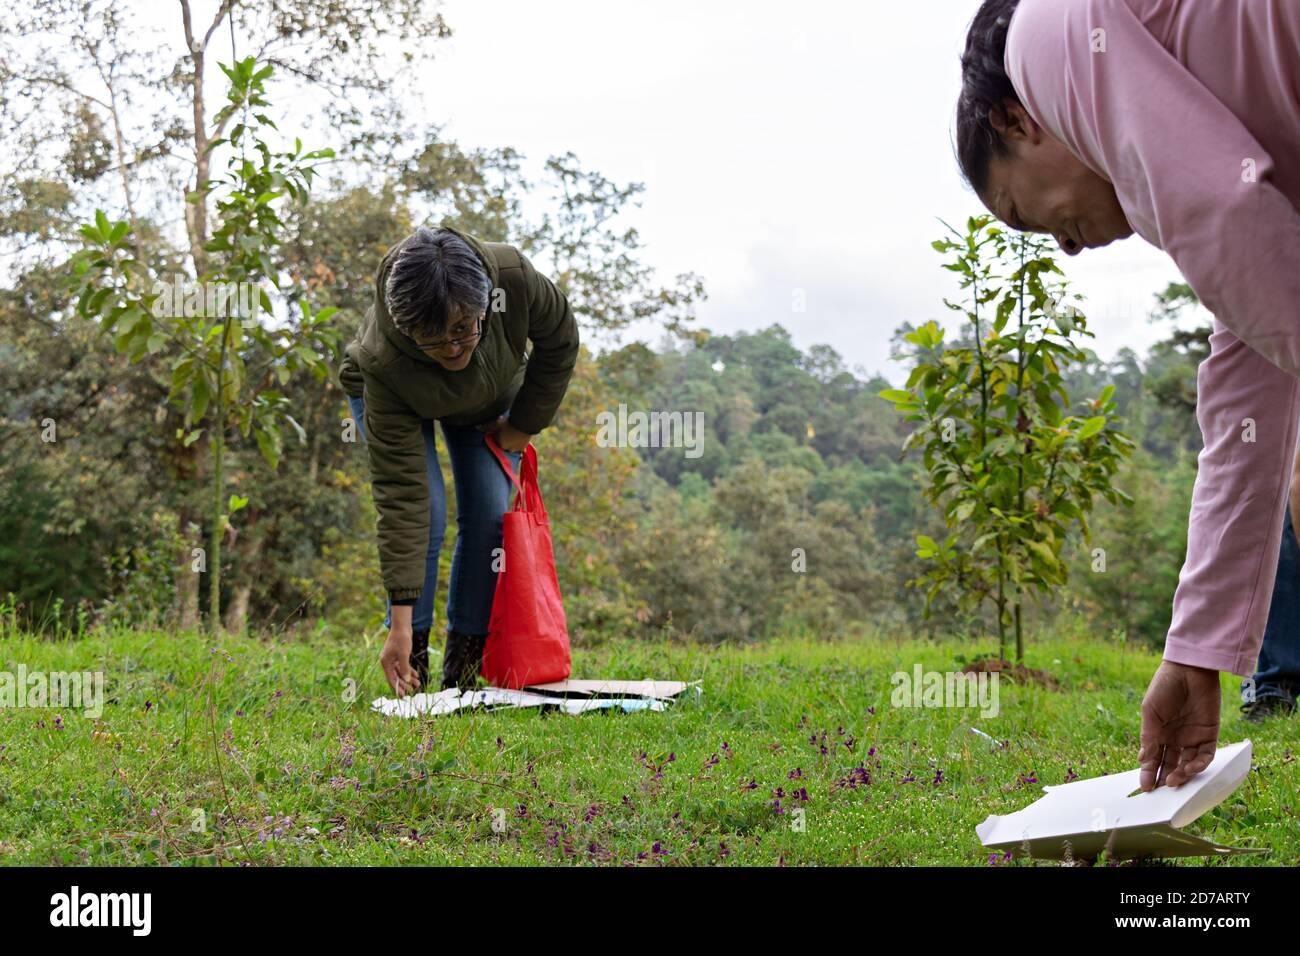 un par de mujeres recogiendo basura de un bosque y.. poniéndolo en una bolsa de tela Foto de stock